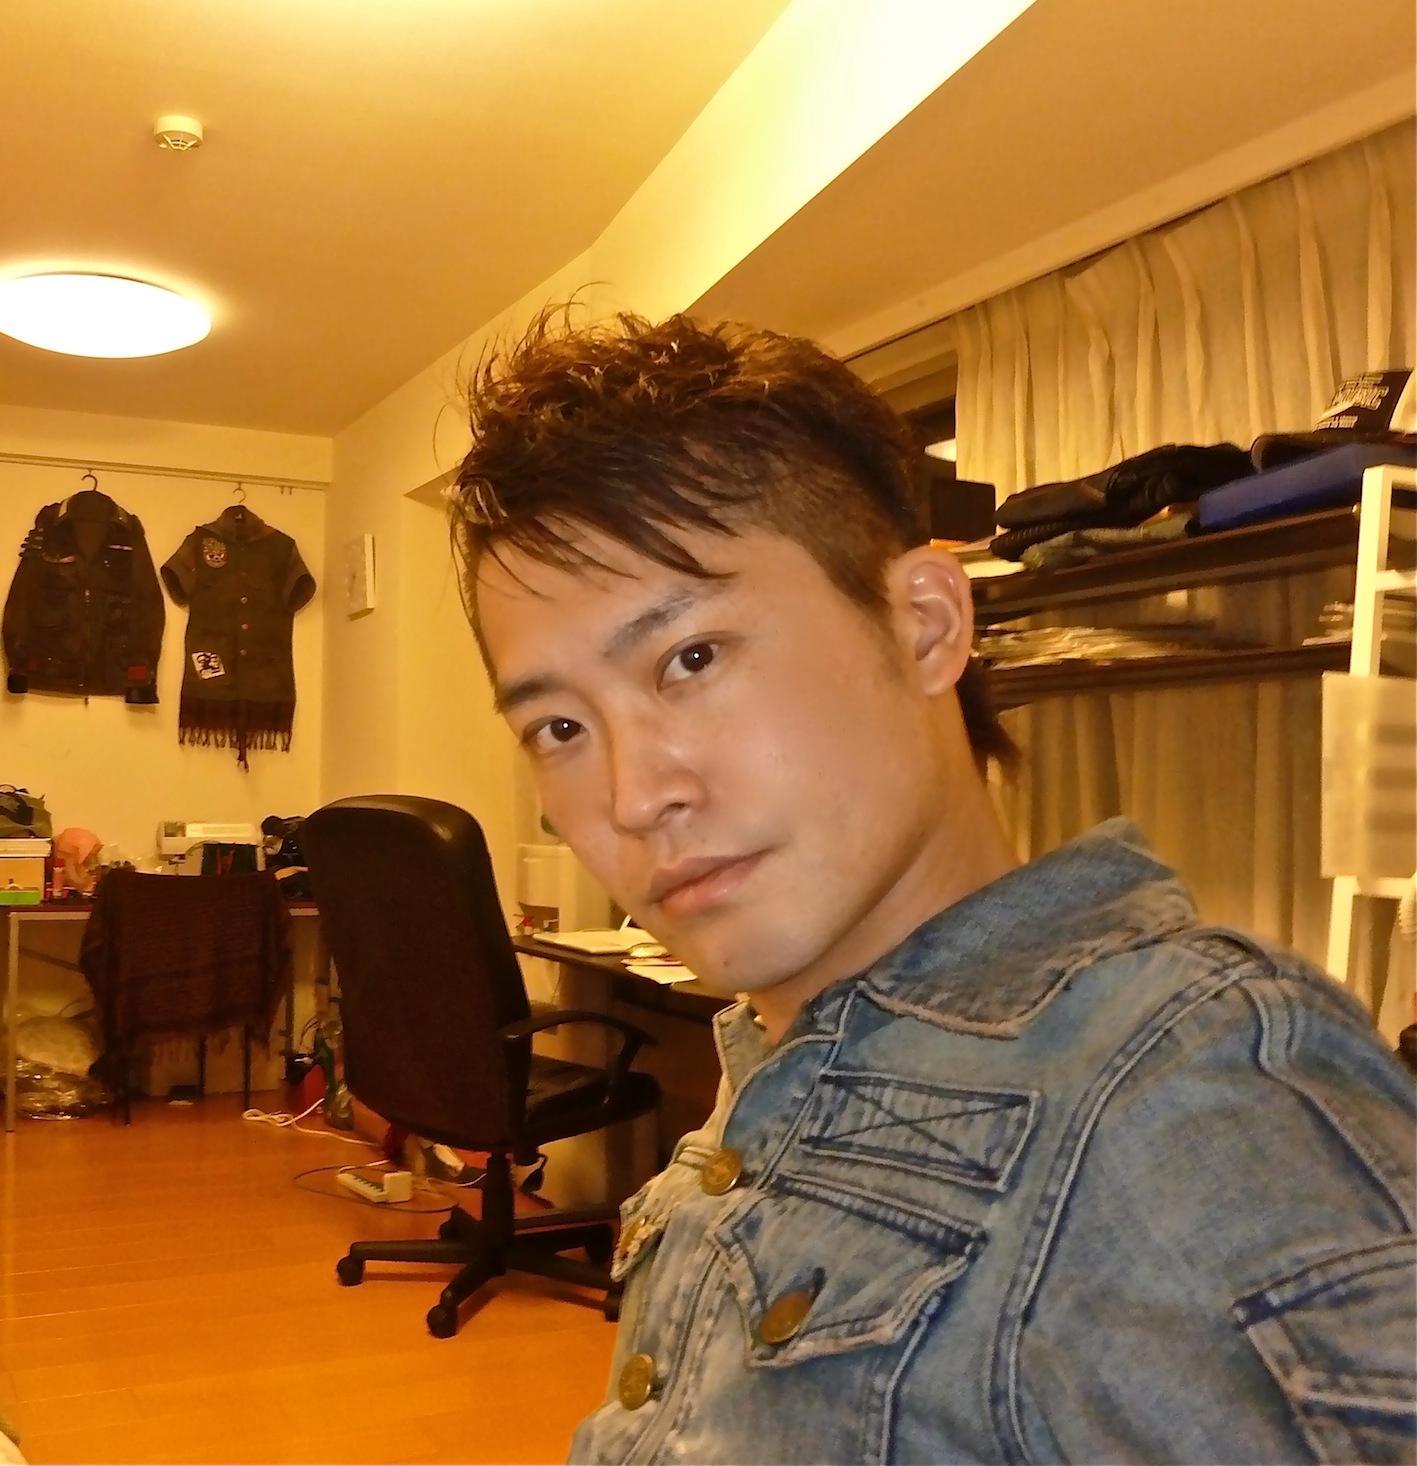 三田佳子の長男森宮隆と次男高橋祐也は2019年現在何をしている?のサムネイル画像